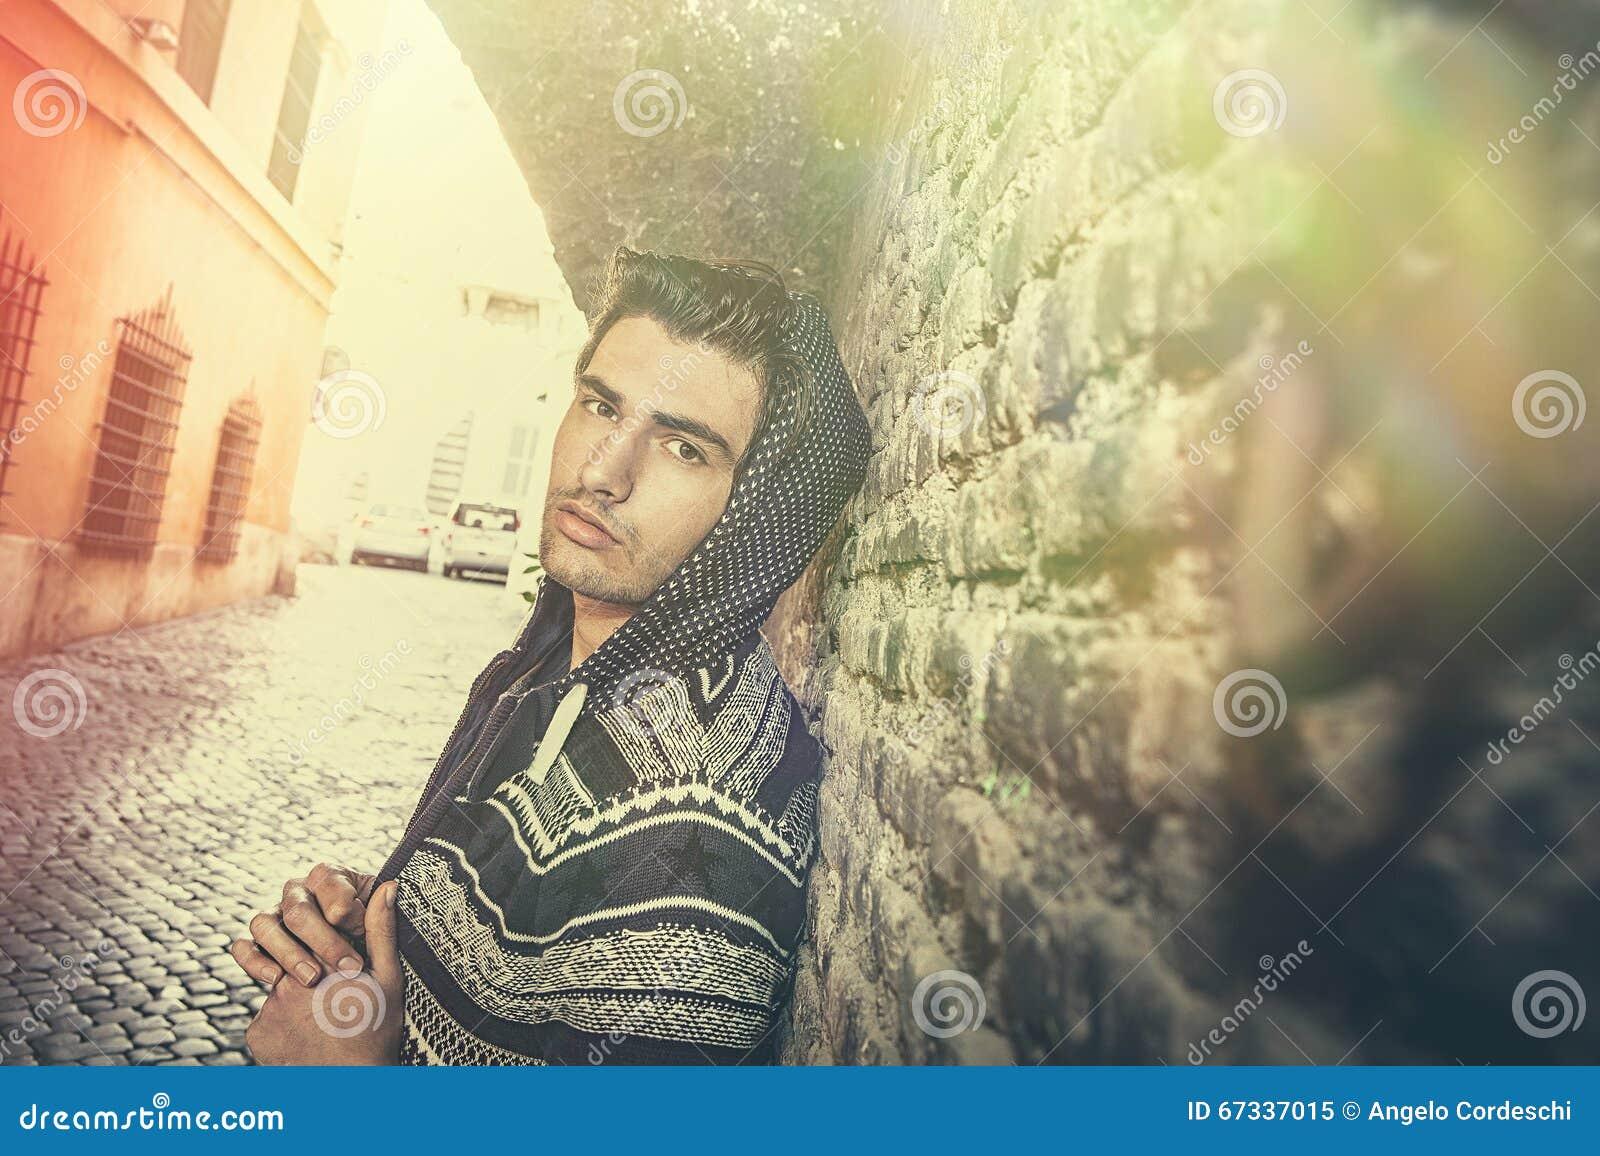 De jonge mens van de straatstad het model kijken, oude stedelijke muur